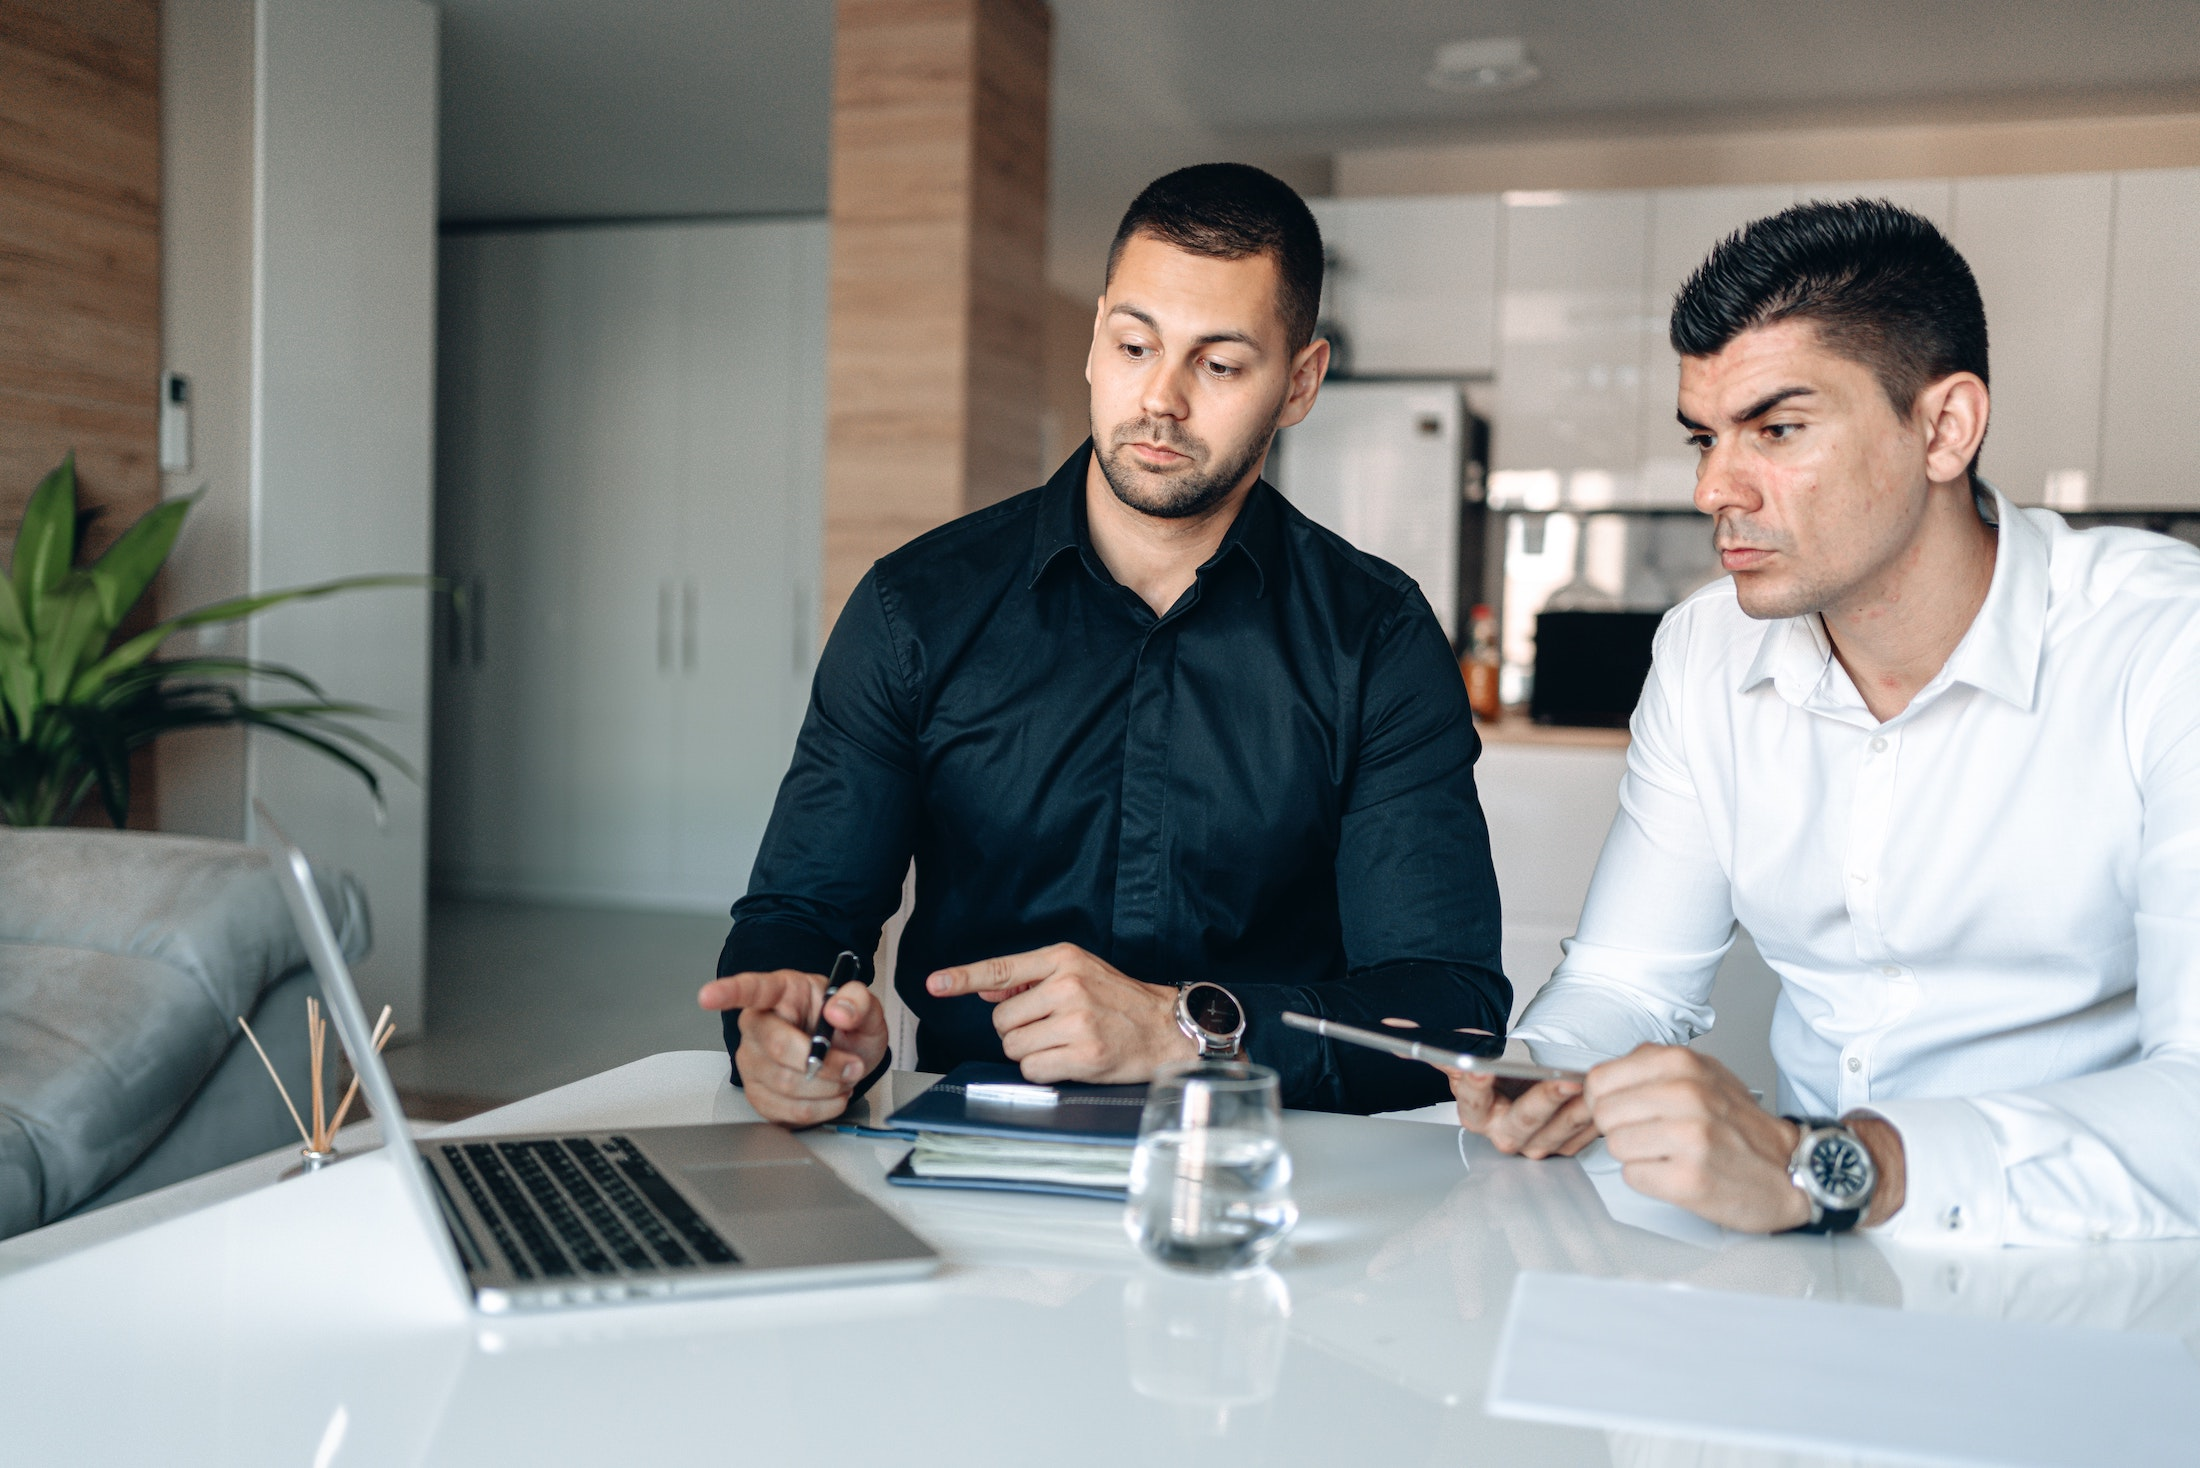 millennial tech guys looking at screen